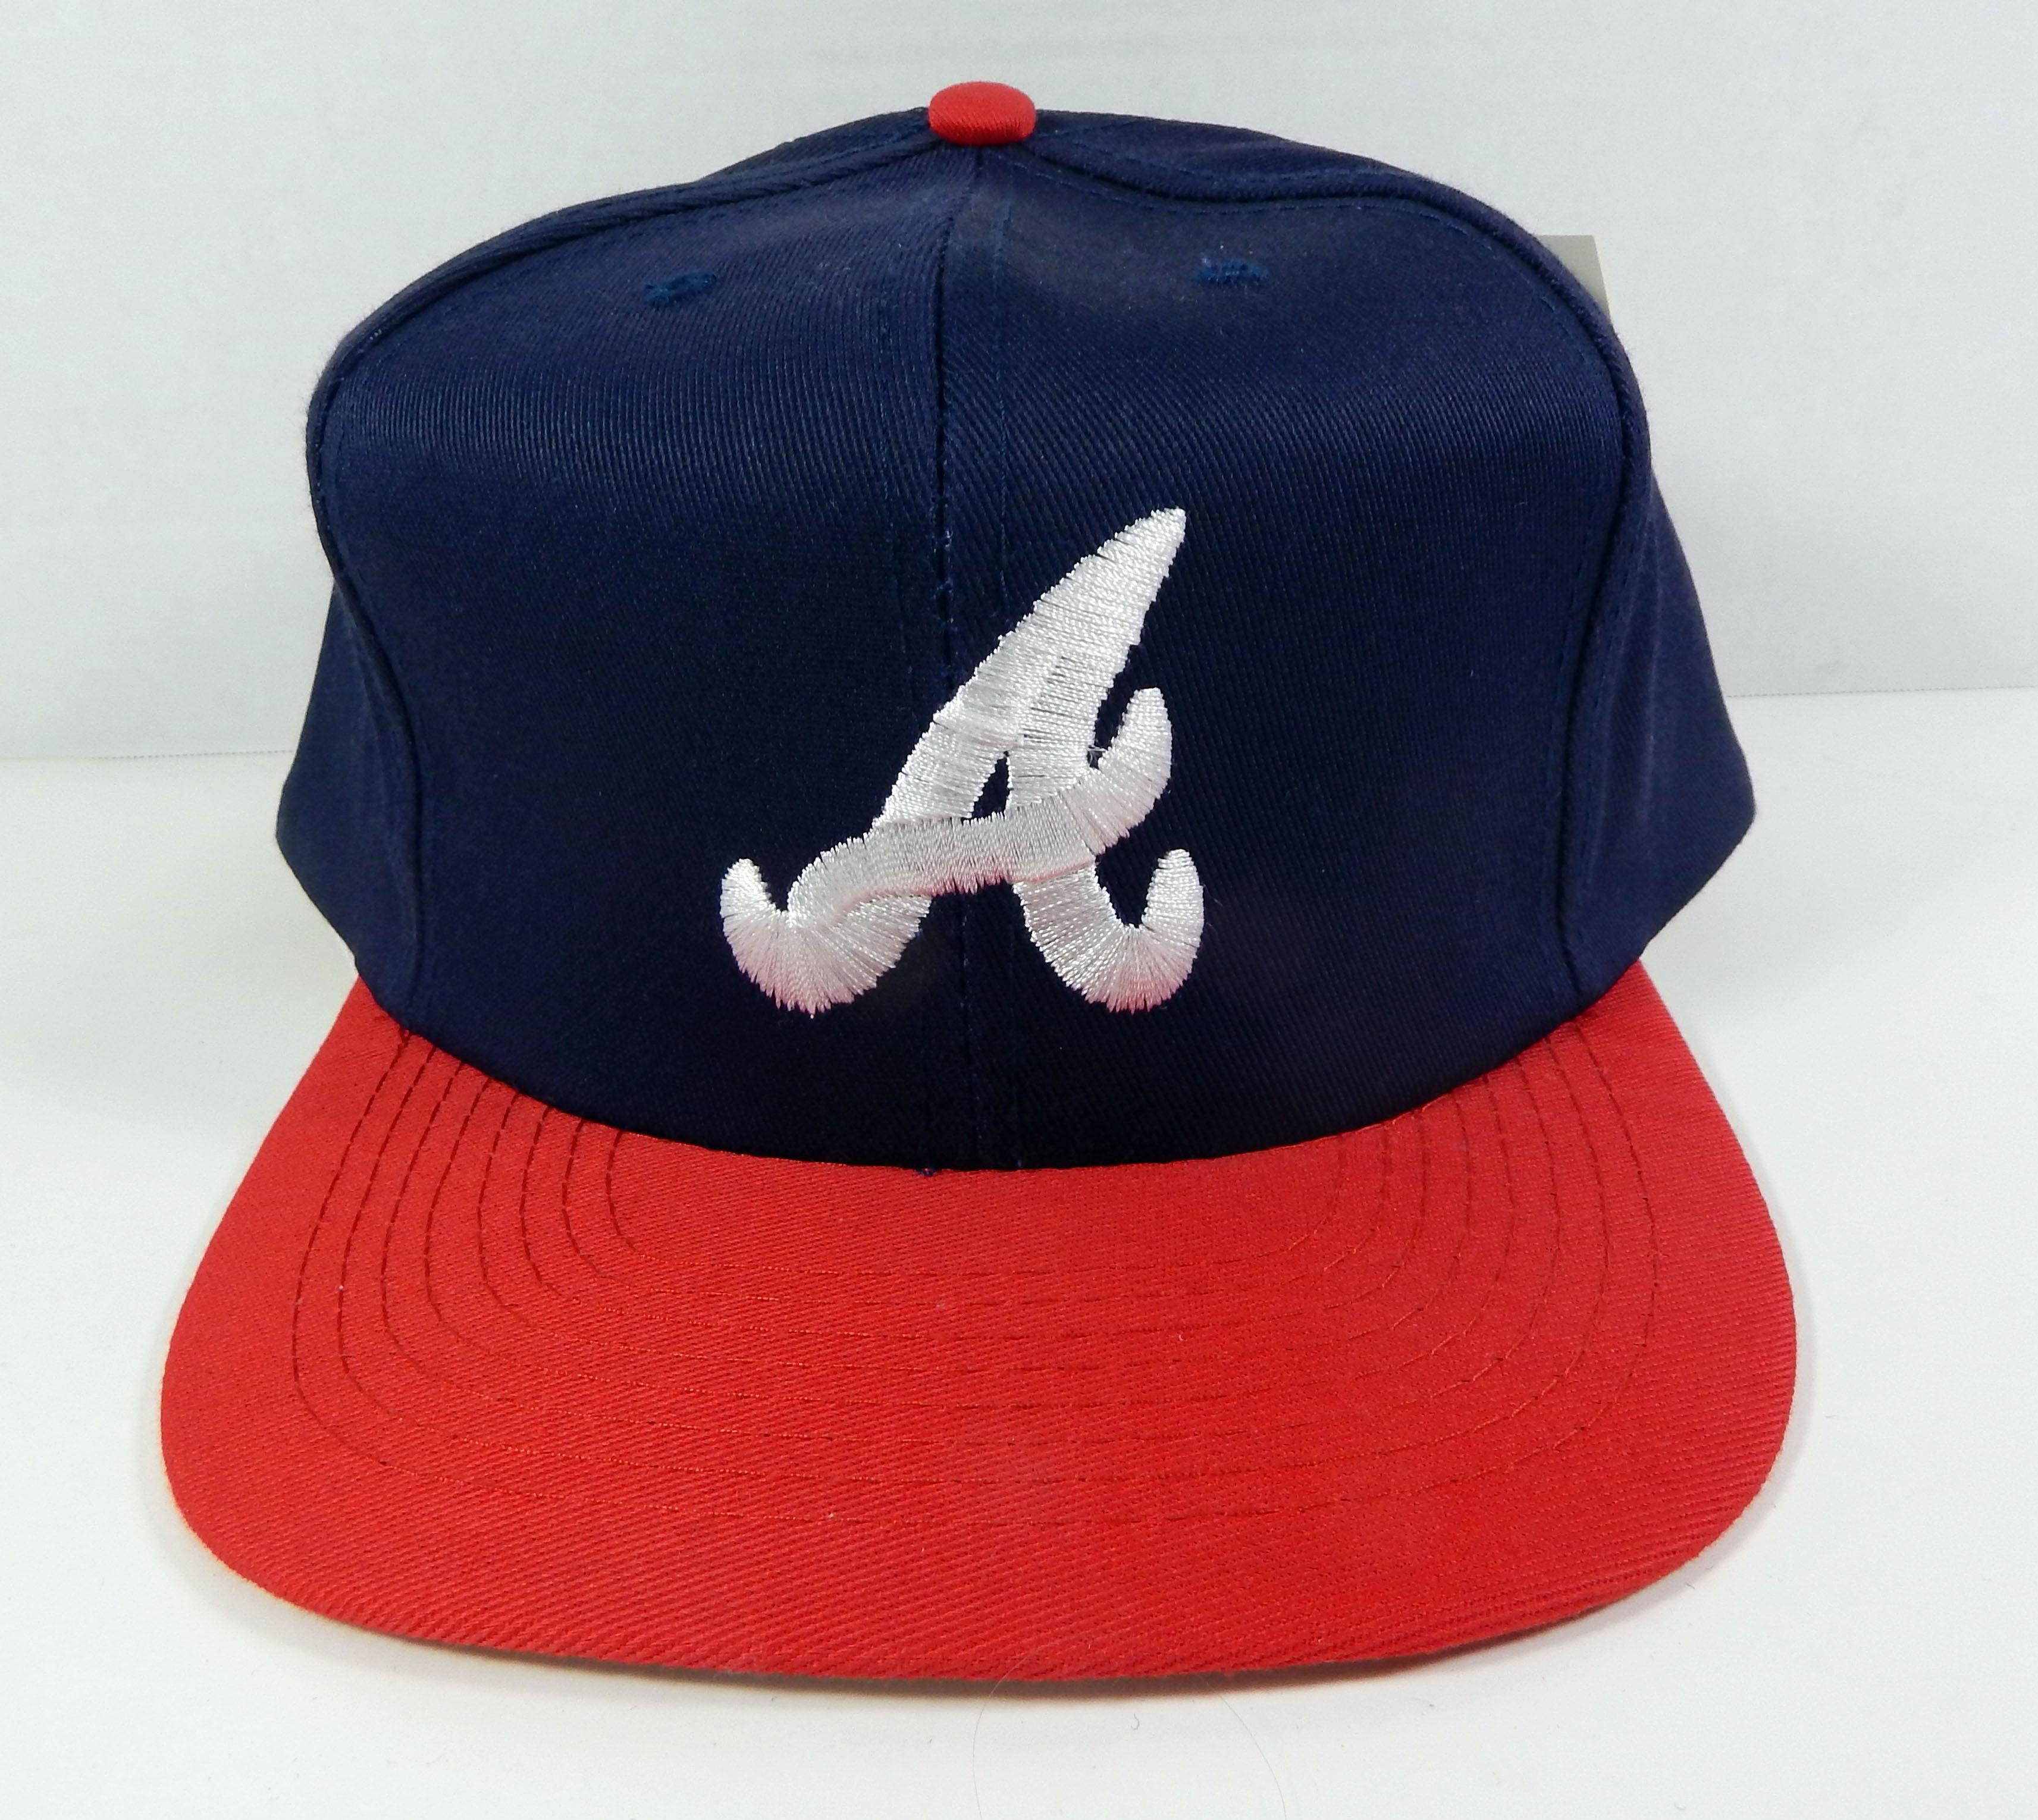 Details about Vintage Atlanta Braves Navy Red Logo Snapback Hat Annco NWT e4e4398122af